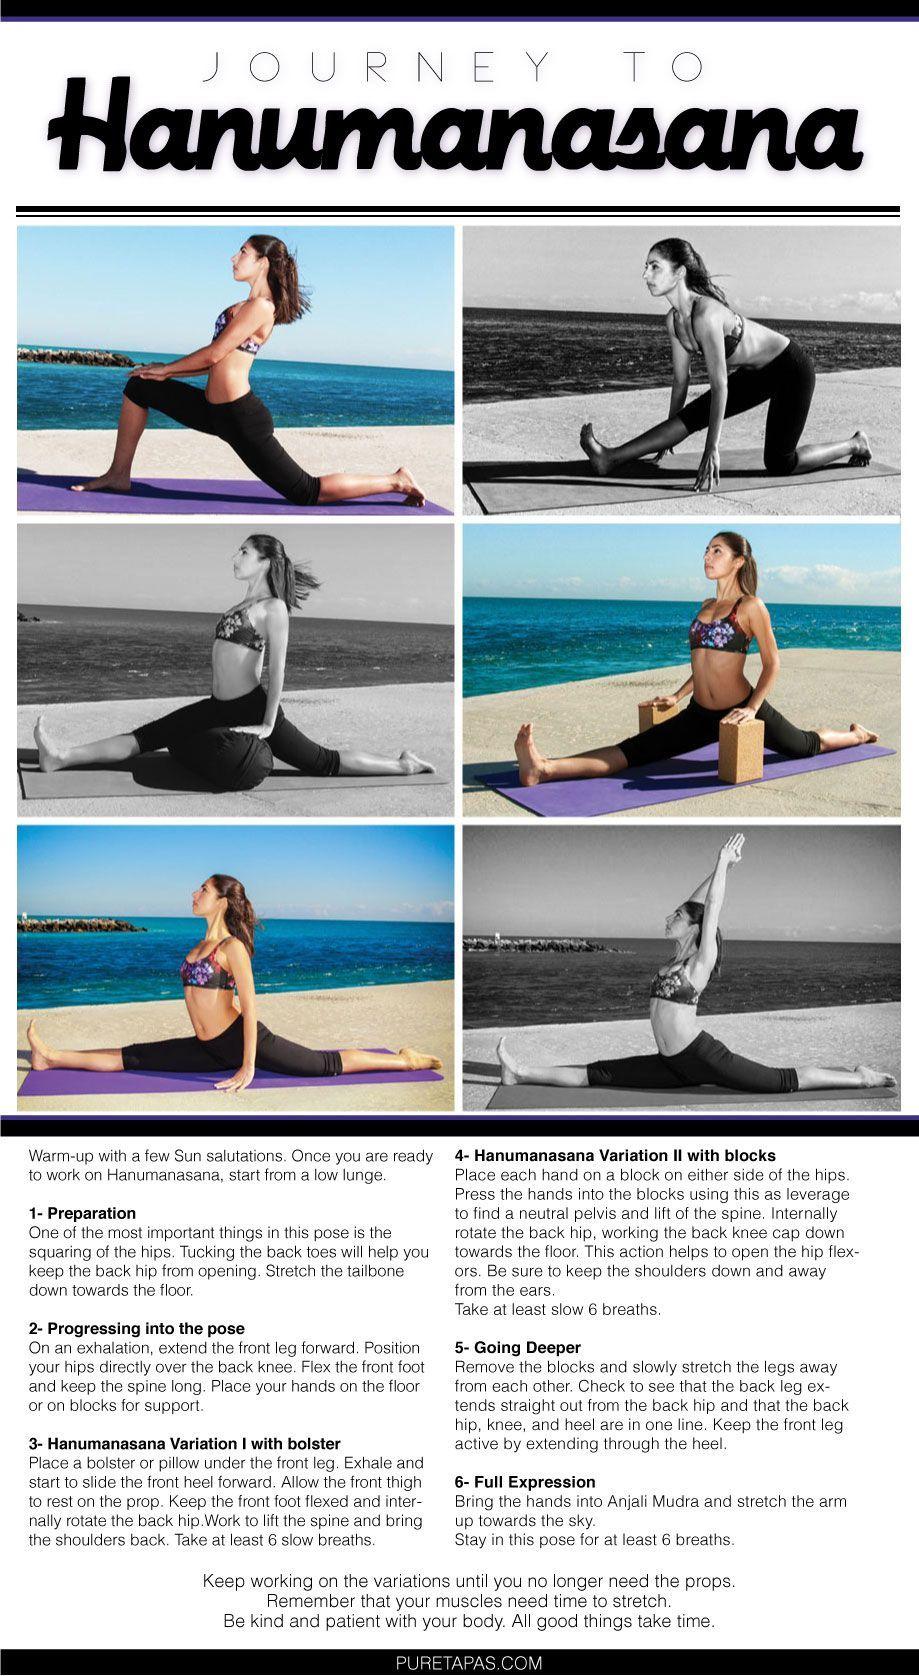 Hanuman More Inspiration And Yoga Tips Facebook Com Puretapas Jessica Yogatips102 Yoga Postures Yoga Tips Yoga Asanas